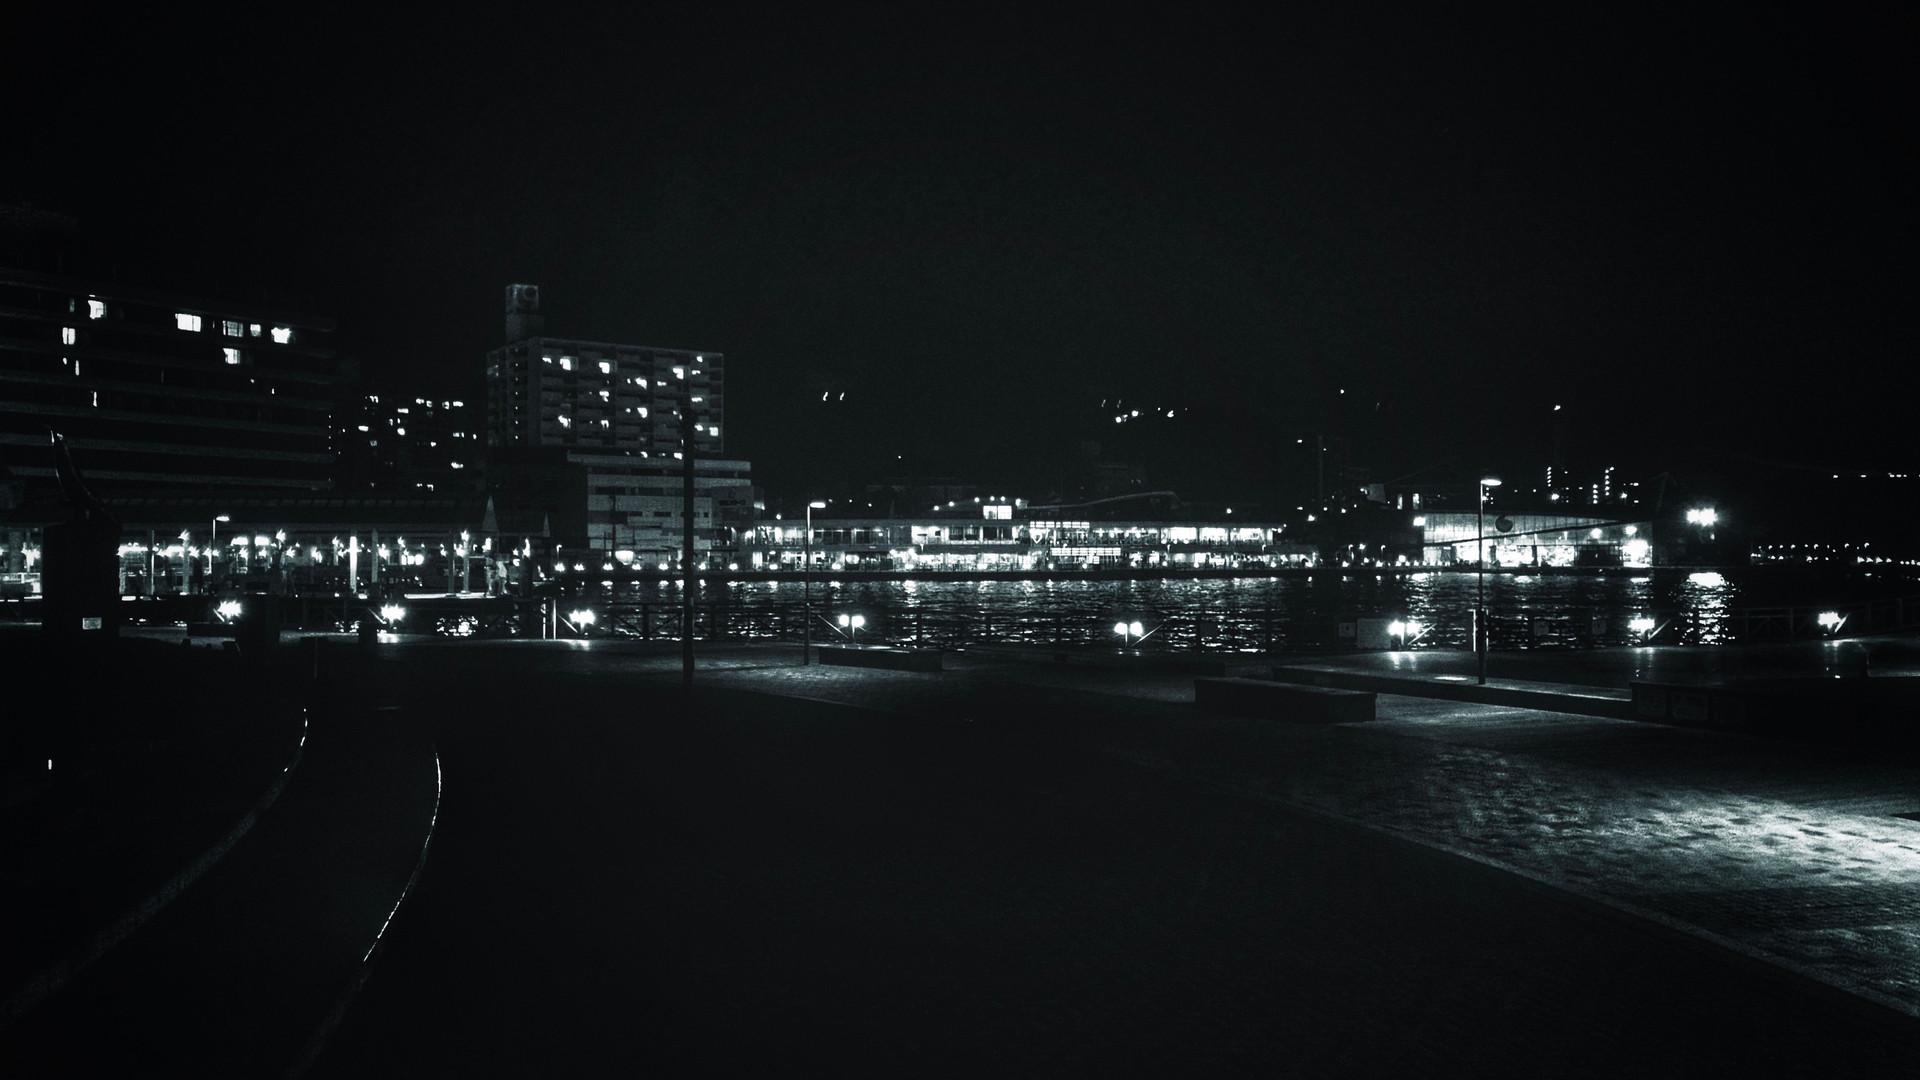 Kamonwharf.